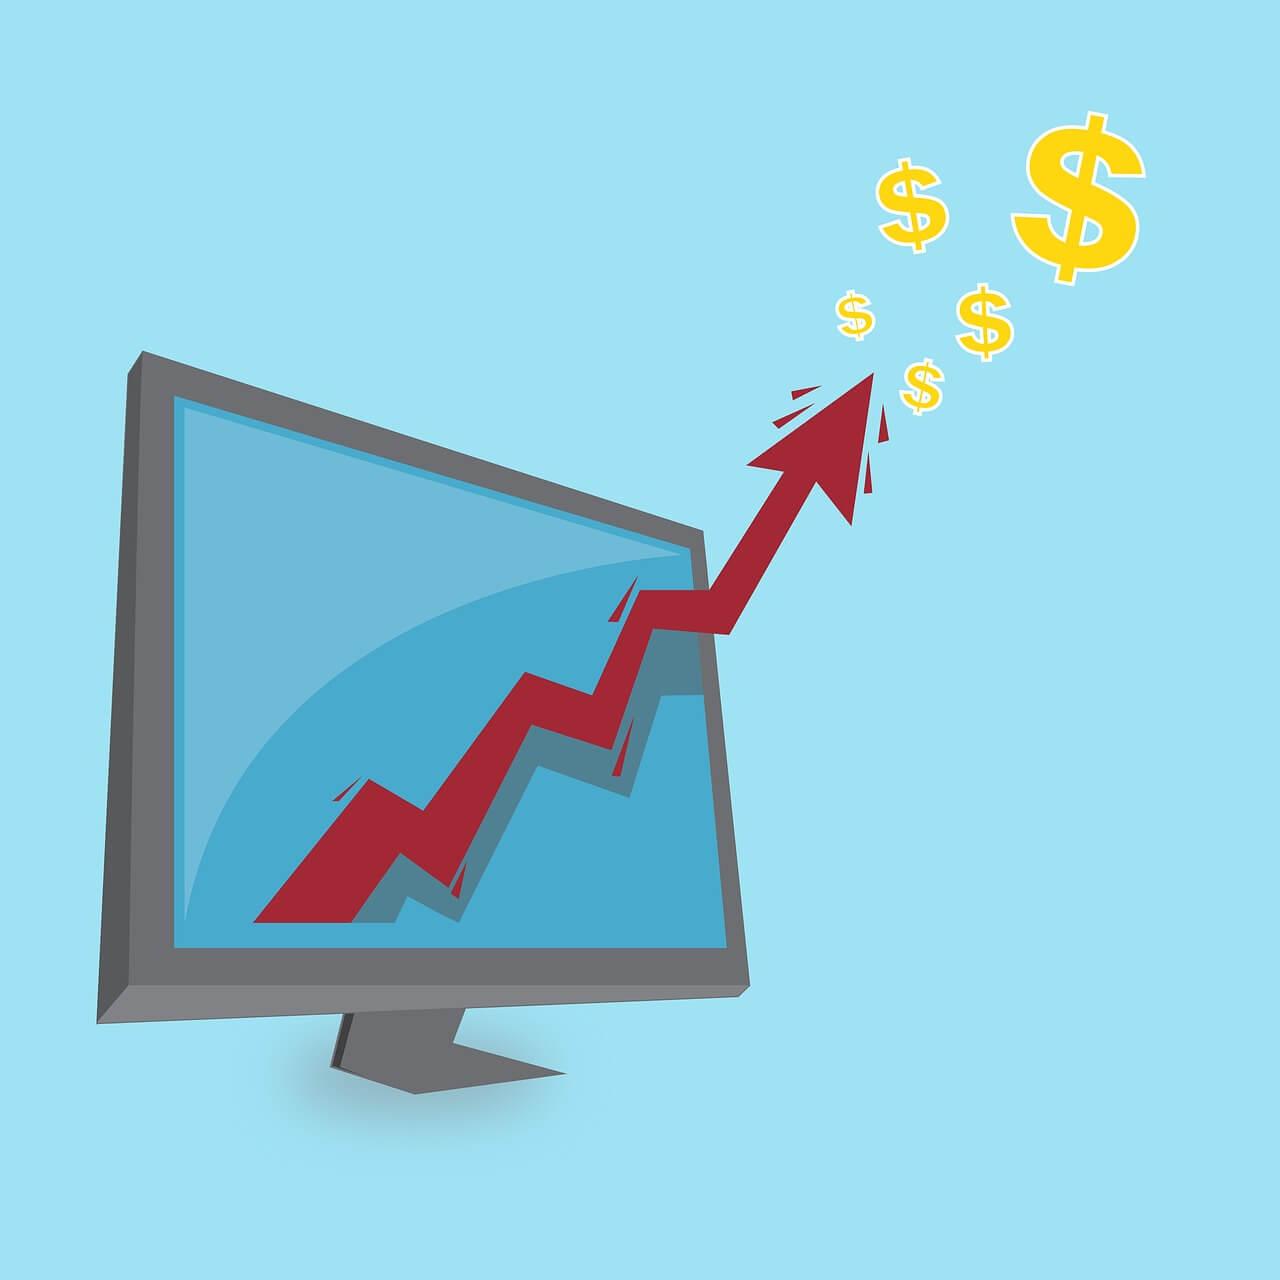 Quanto Ganha um Profissional de Marketing? O Salário Vale a Pena?